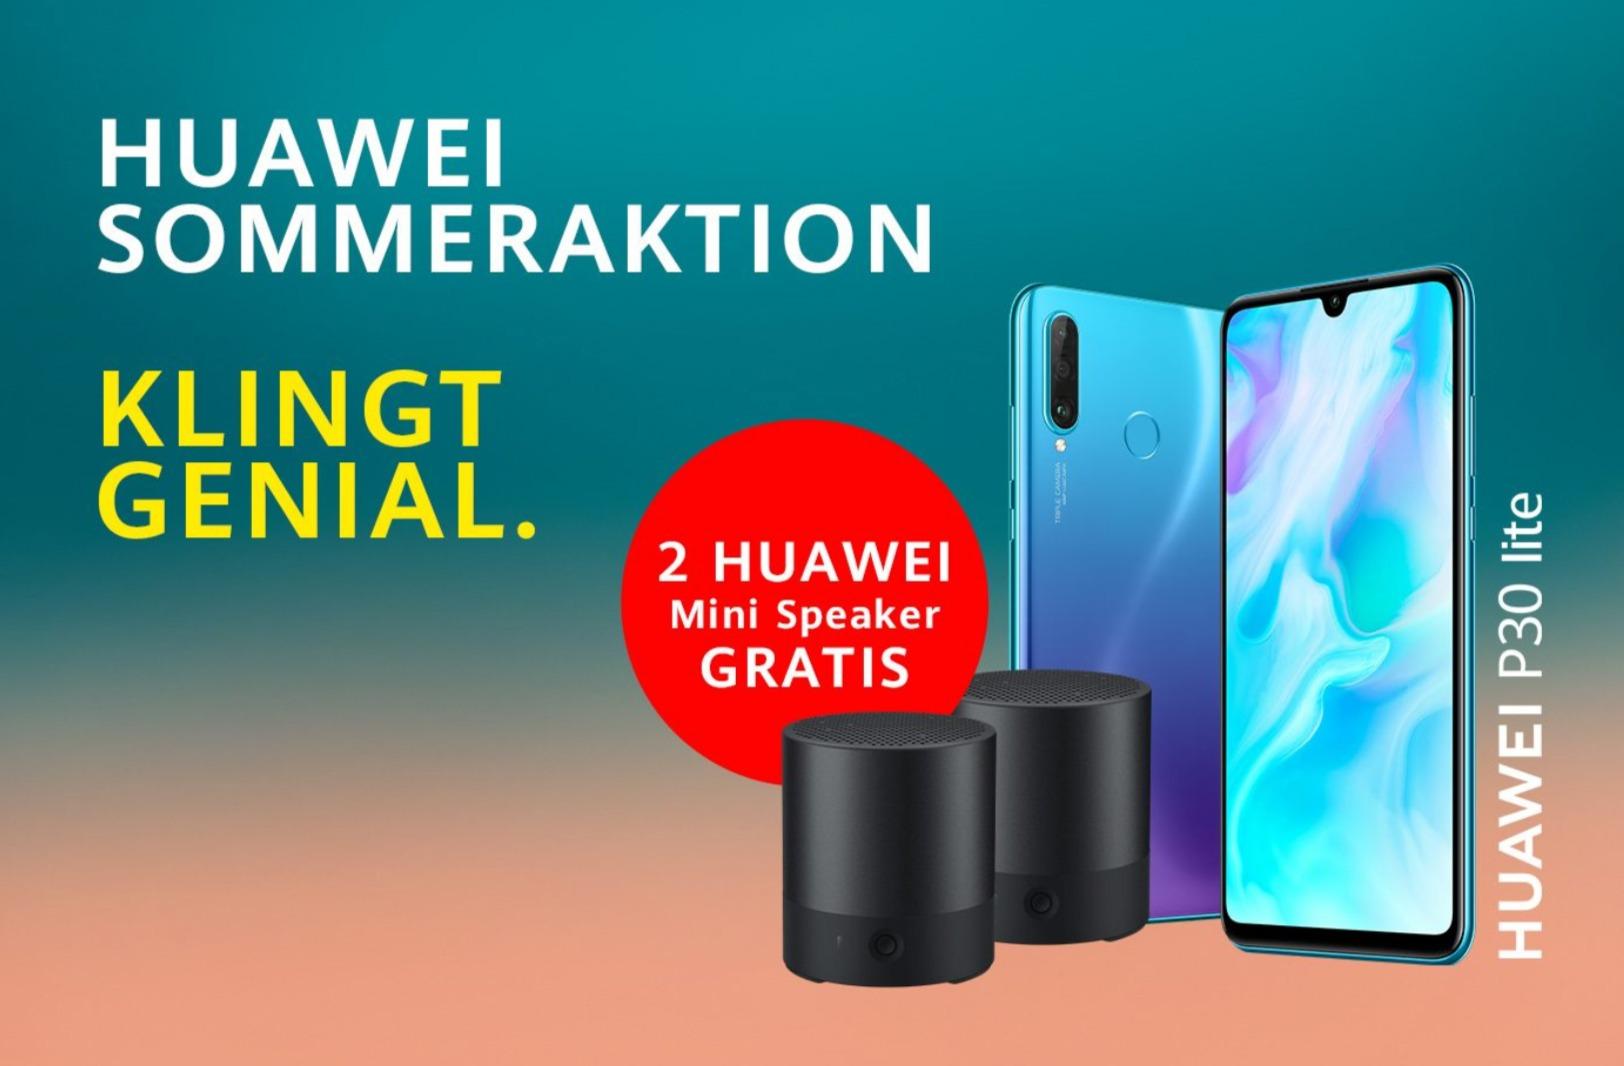 Huawei Sommeraktion 2019